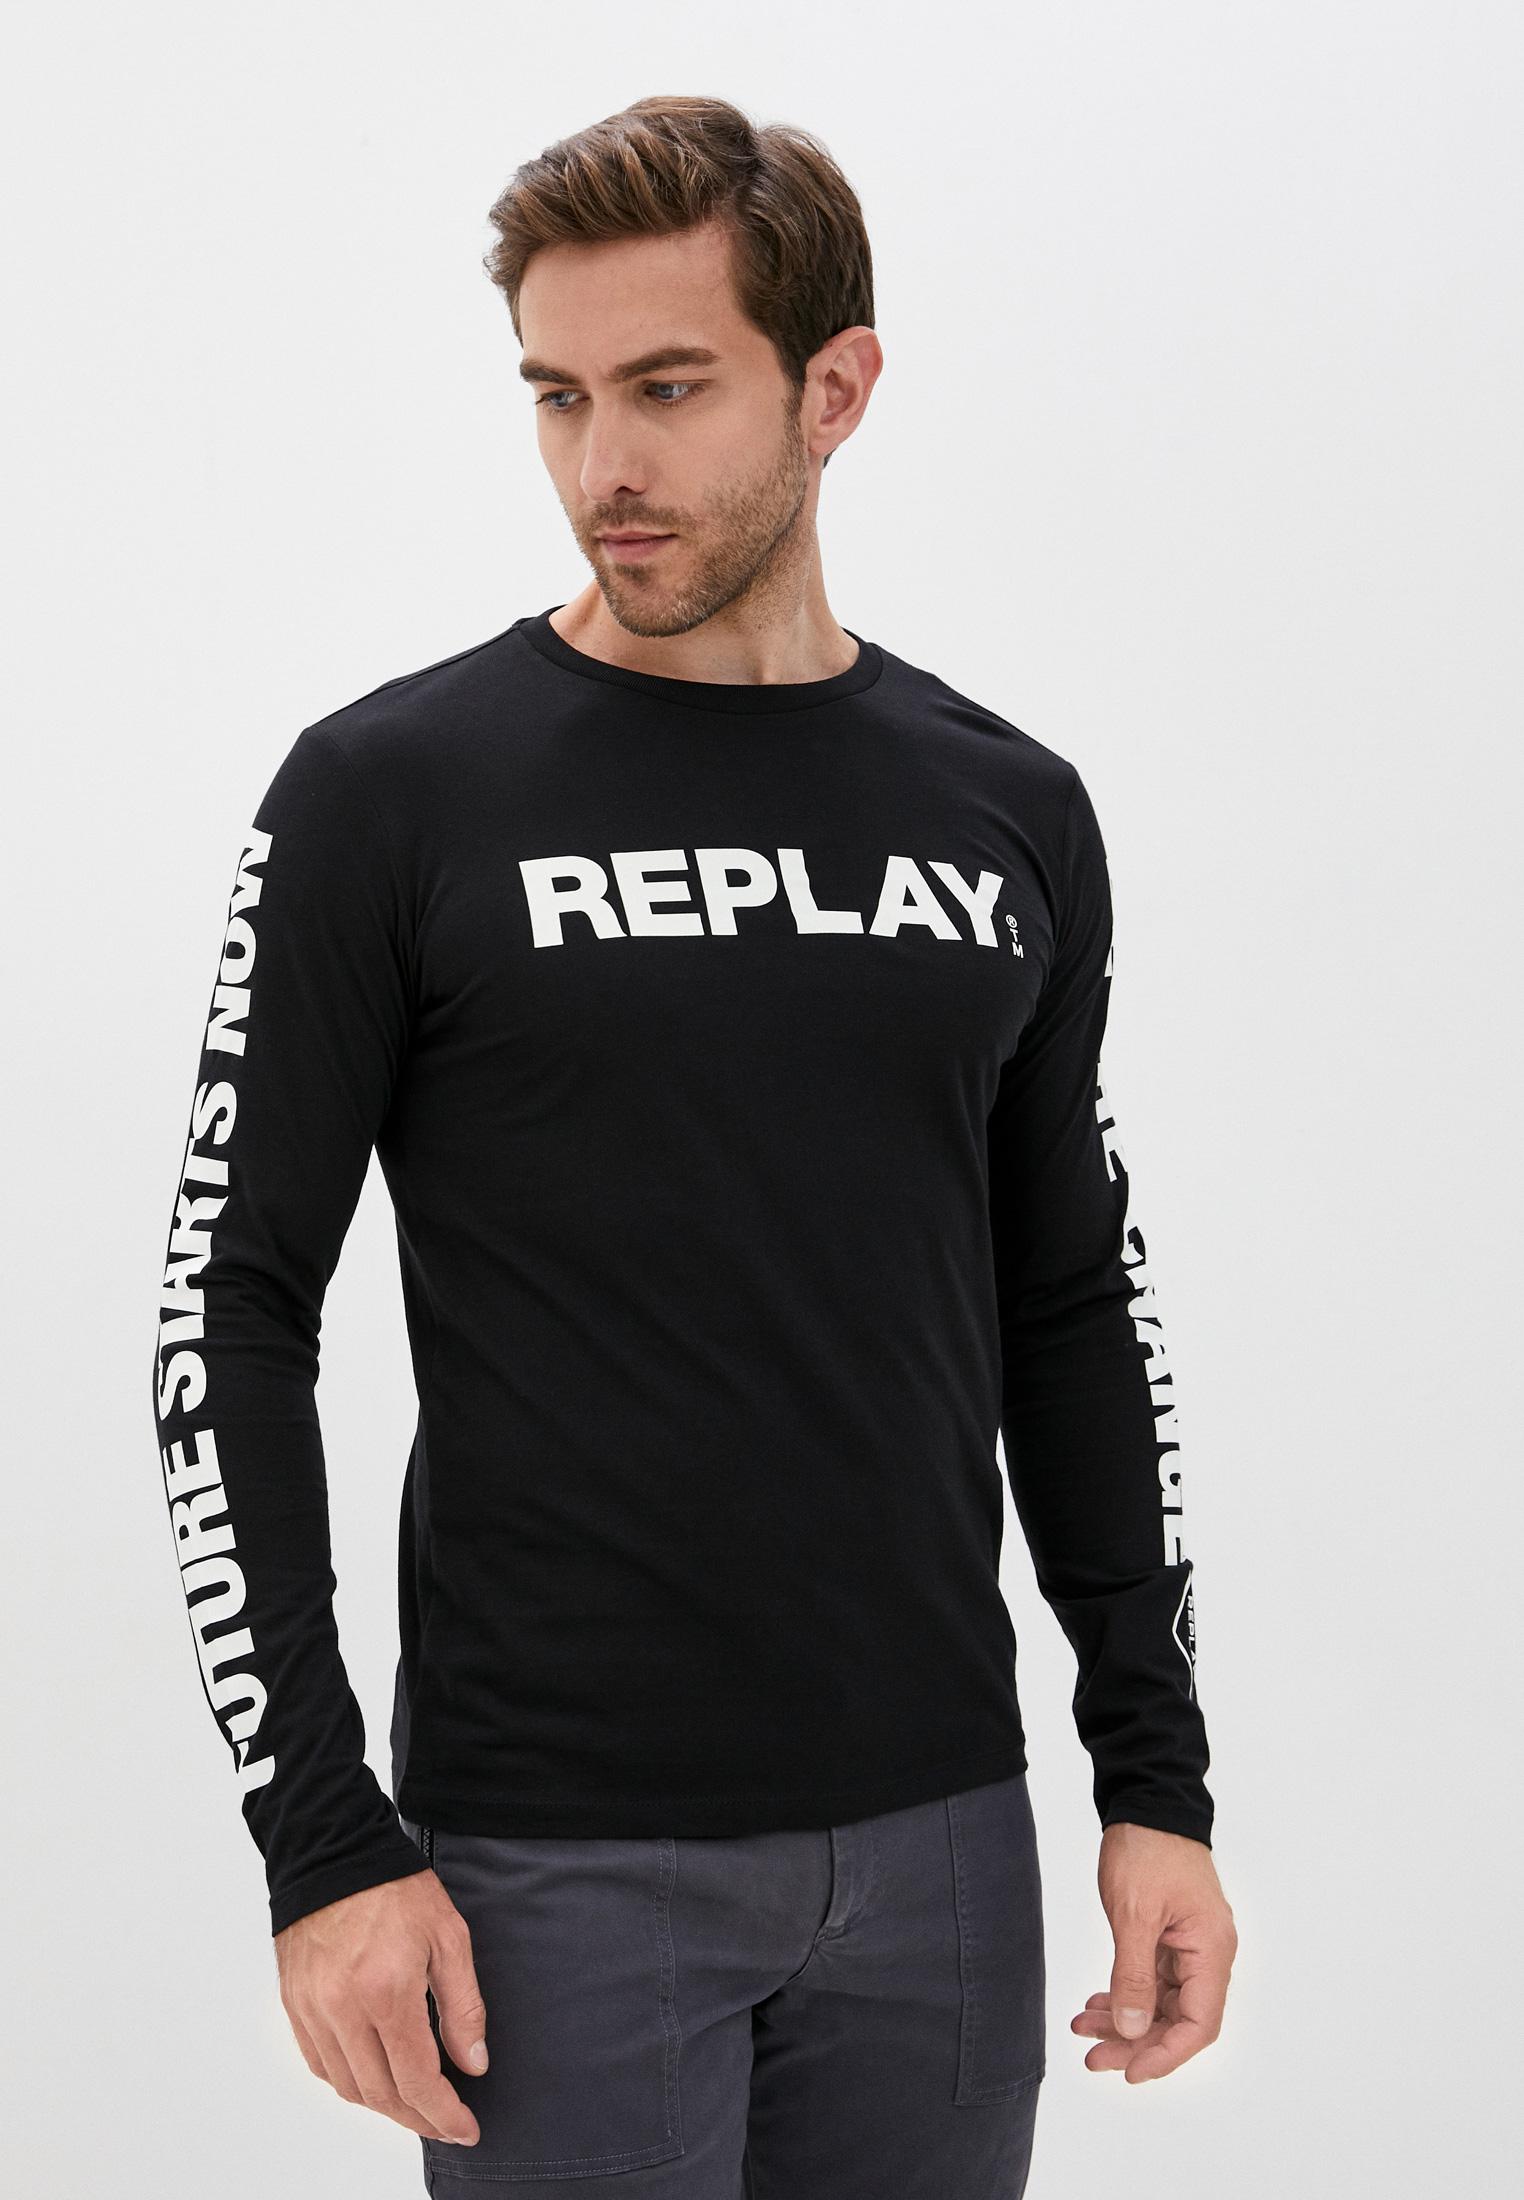 Футболка с длинным рукавом Replay (Реплей) M3149.000.2660